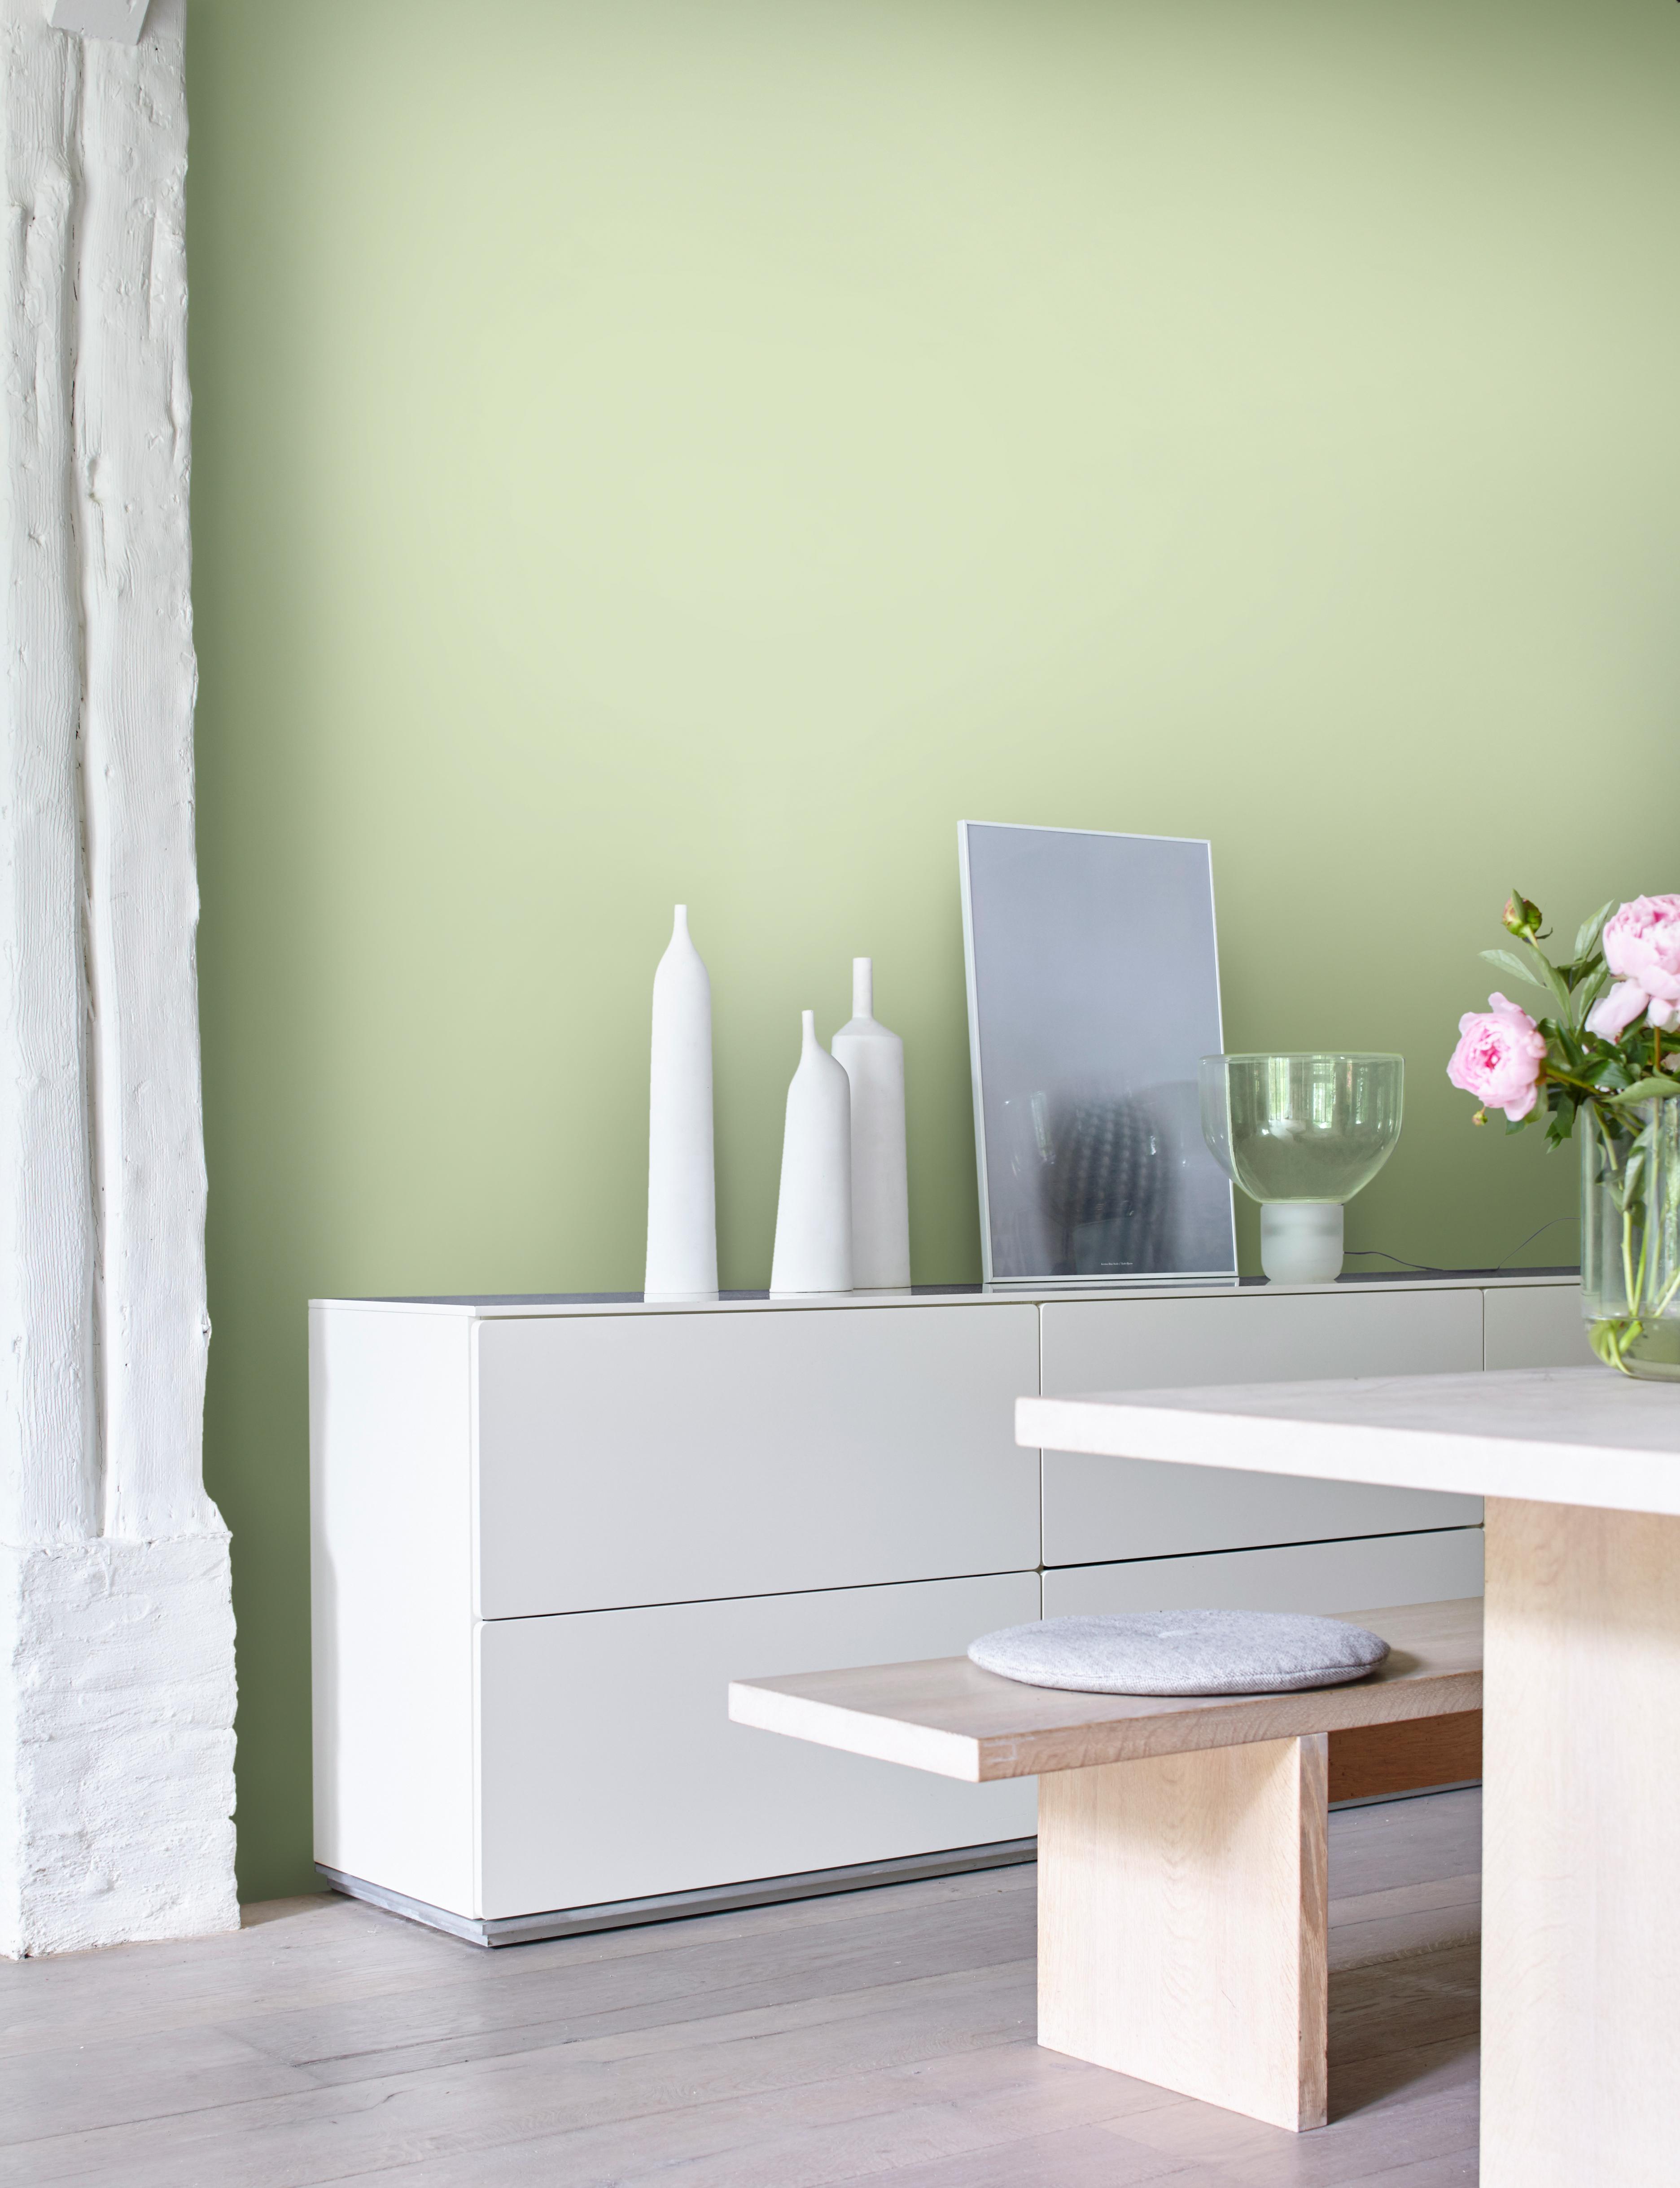 Wunderbar Grün Im Esszimmer Sorgt Für Frische Und Inspiration